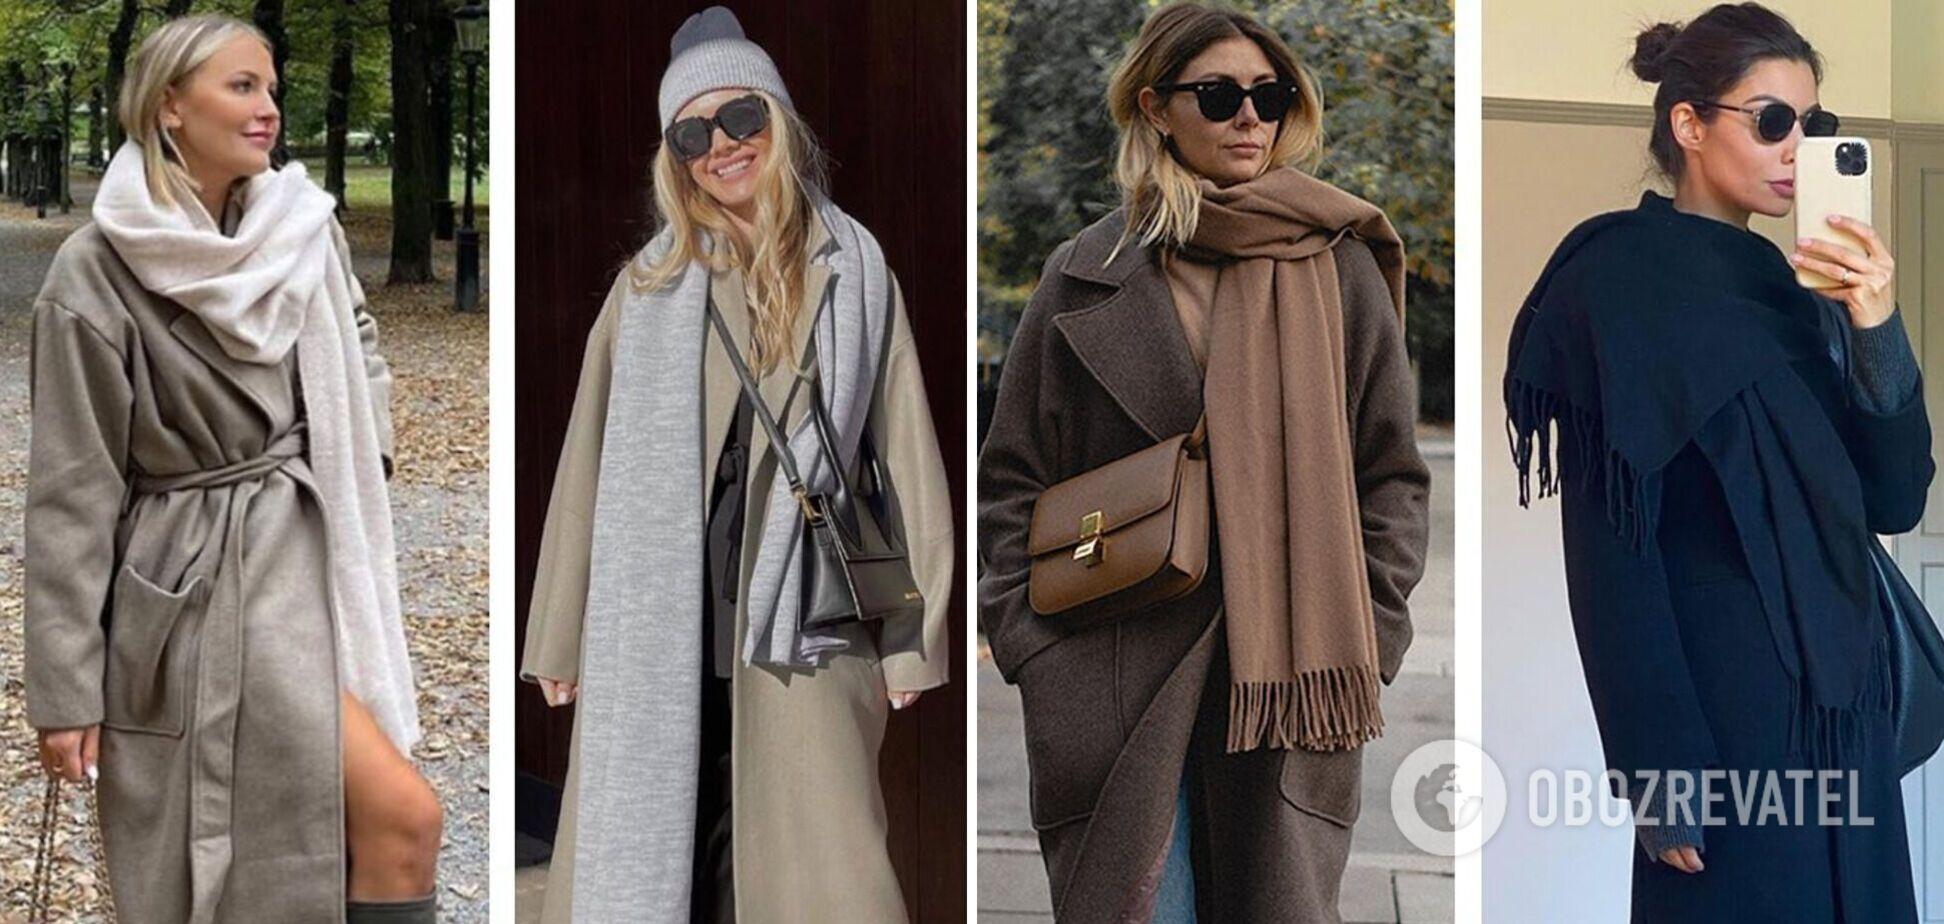 Стилістка показала, як стильно носити шарф: готові образи на пізню осінь. Фото